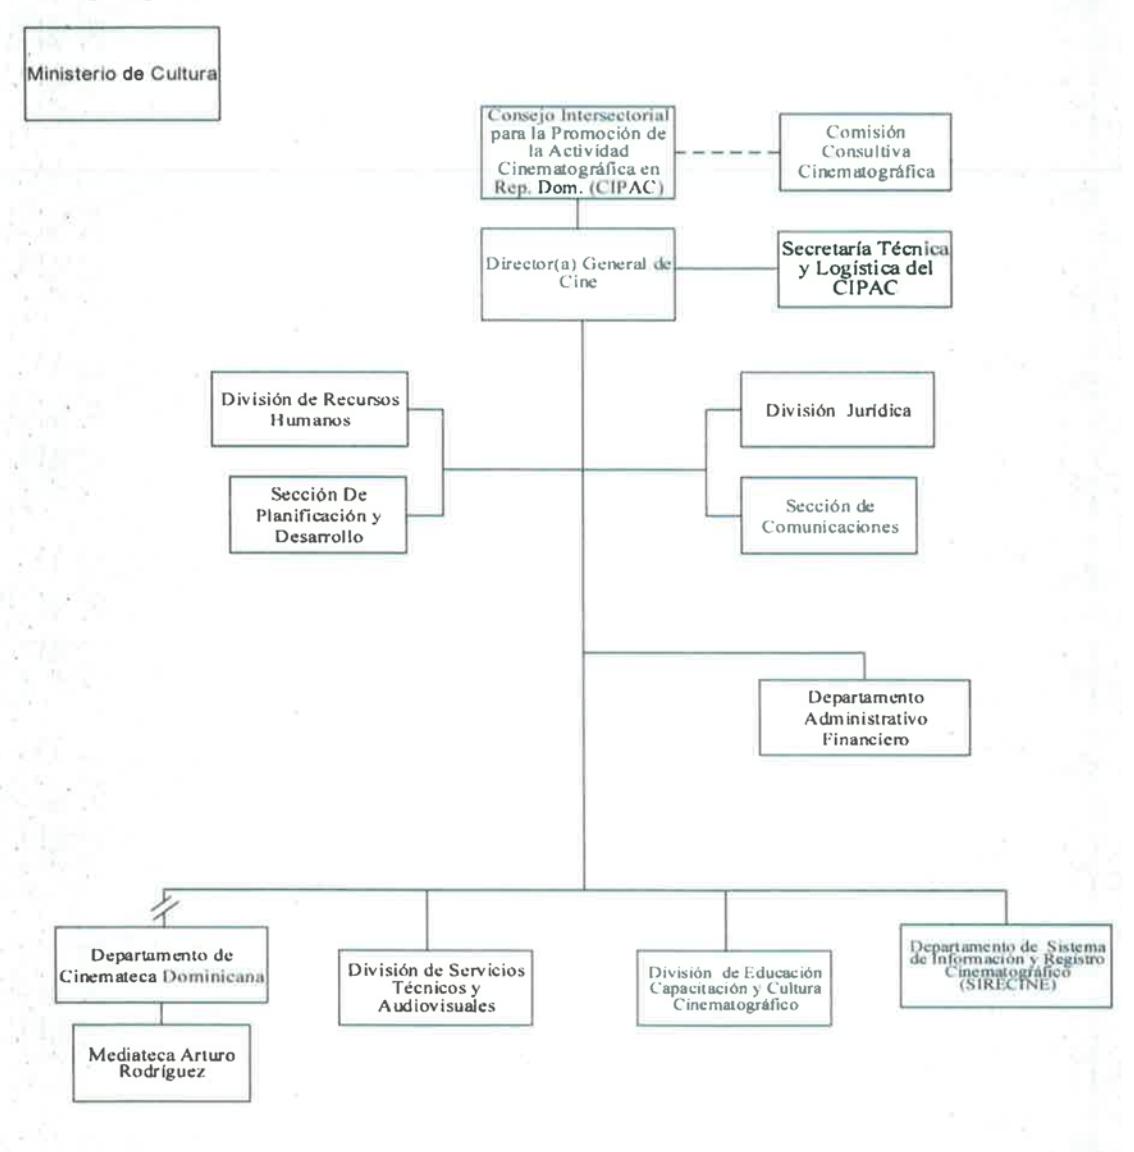 Organigrama DGCine